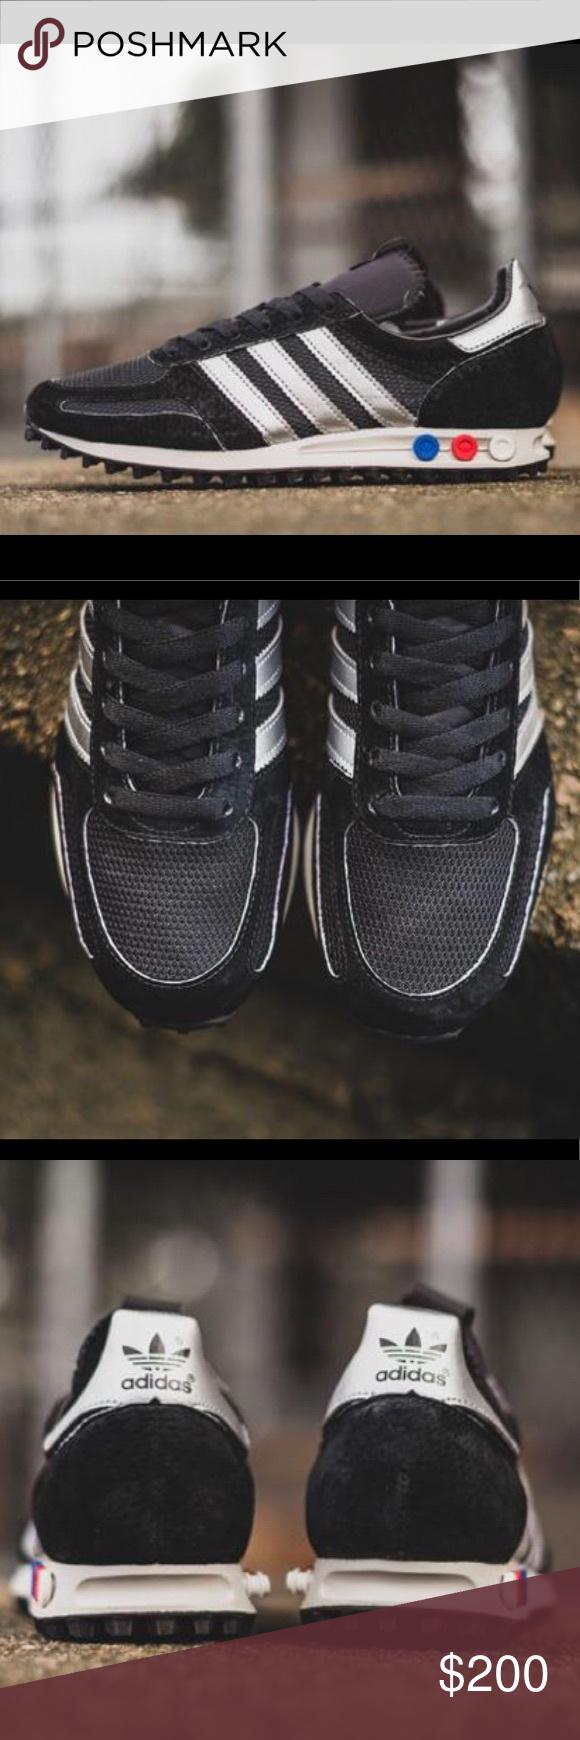 2019 neuer Stil LA Trainer adidas Originals Schwarz